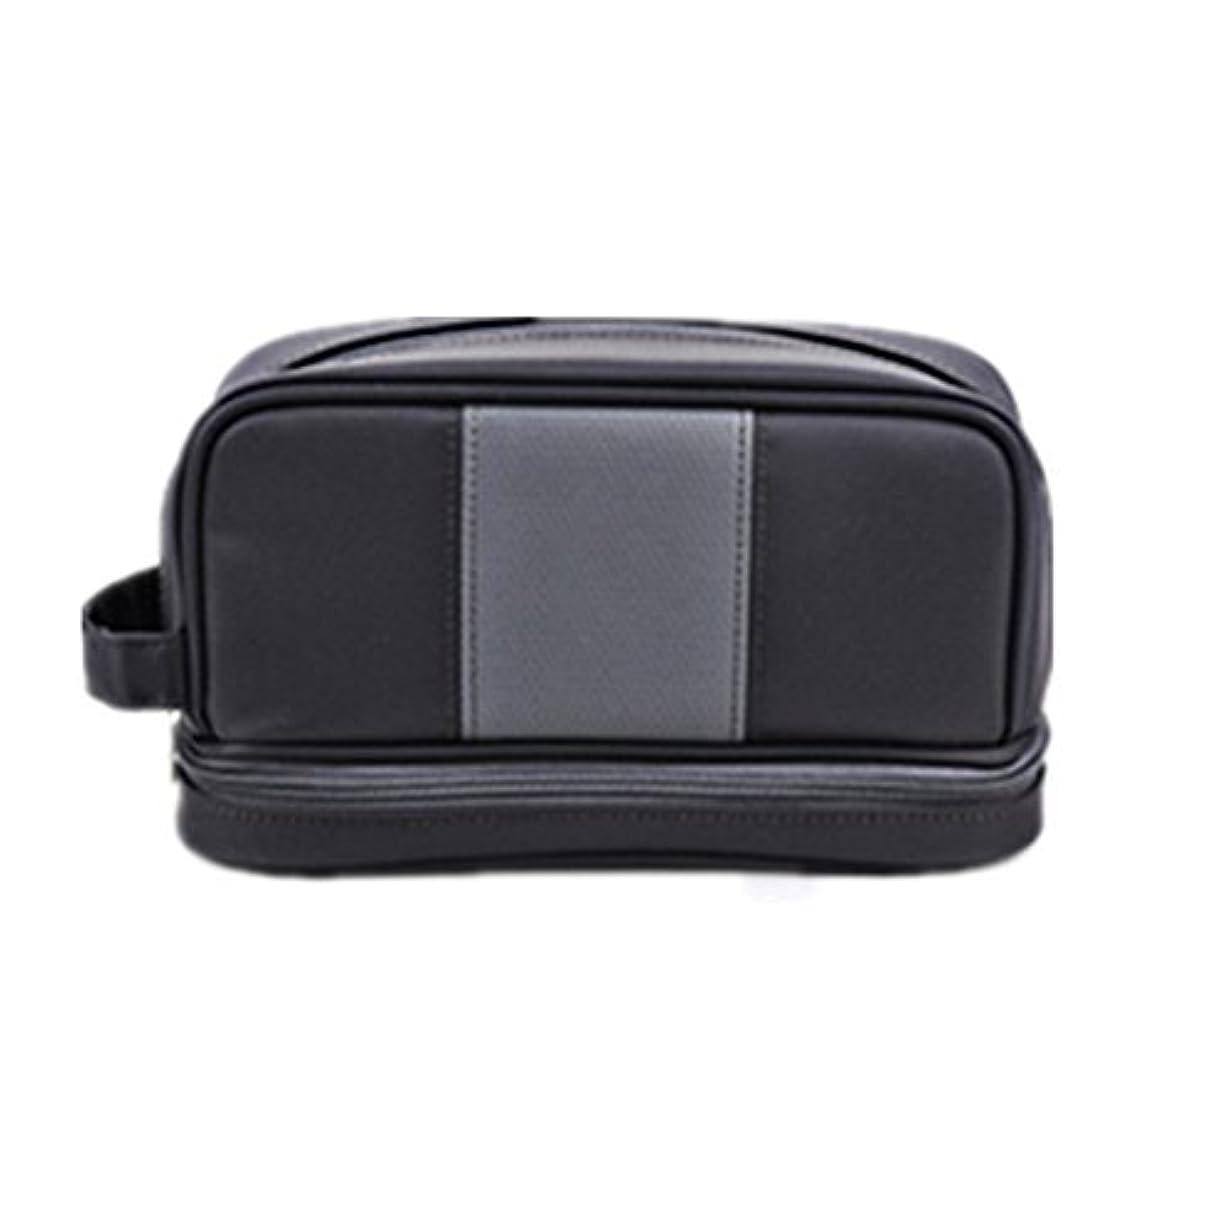 ワイドブーストハドル特大スペース収納ビューティーボックス 旅行付属品のための携帯用小さい化粧箱シャンプーボディ洗浄個人的な項目ロックおよびスライドの皿が付いている貯蔵 化粧品化粧台